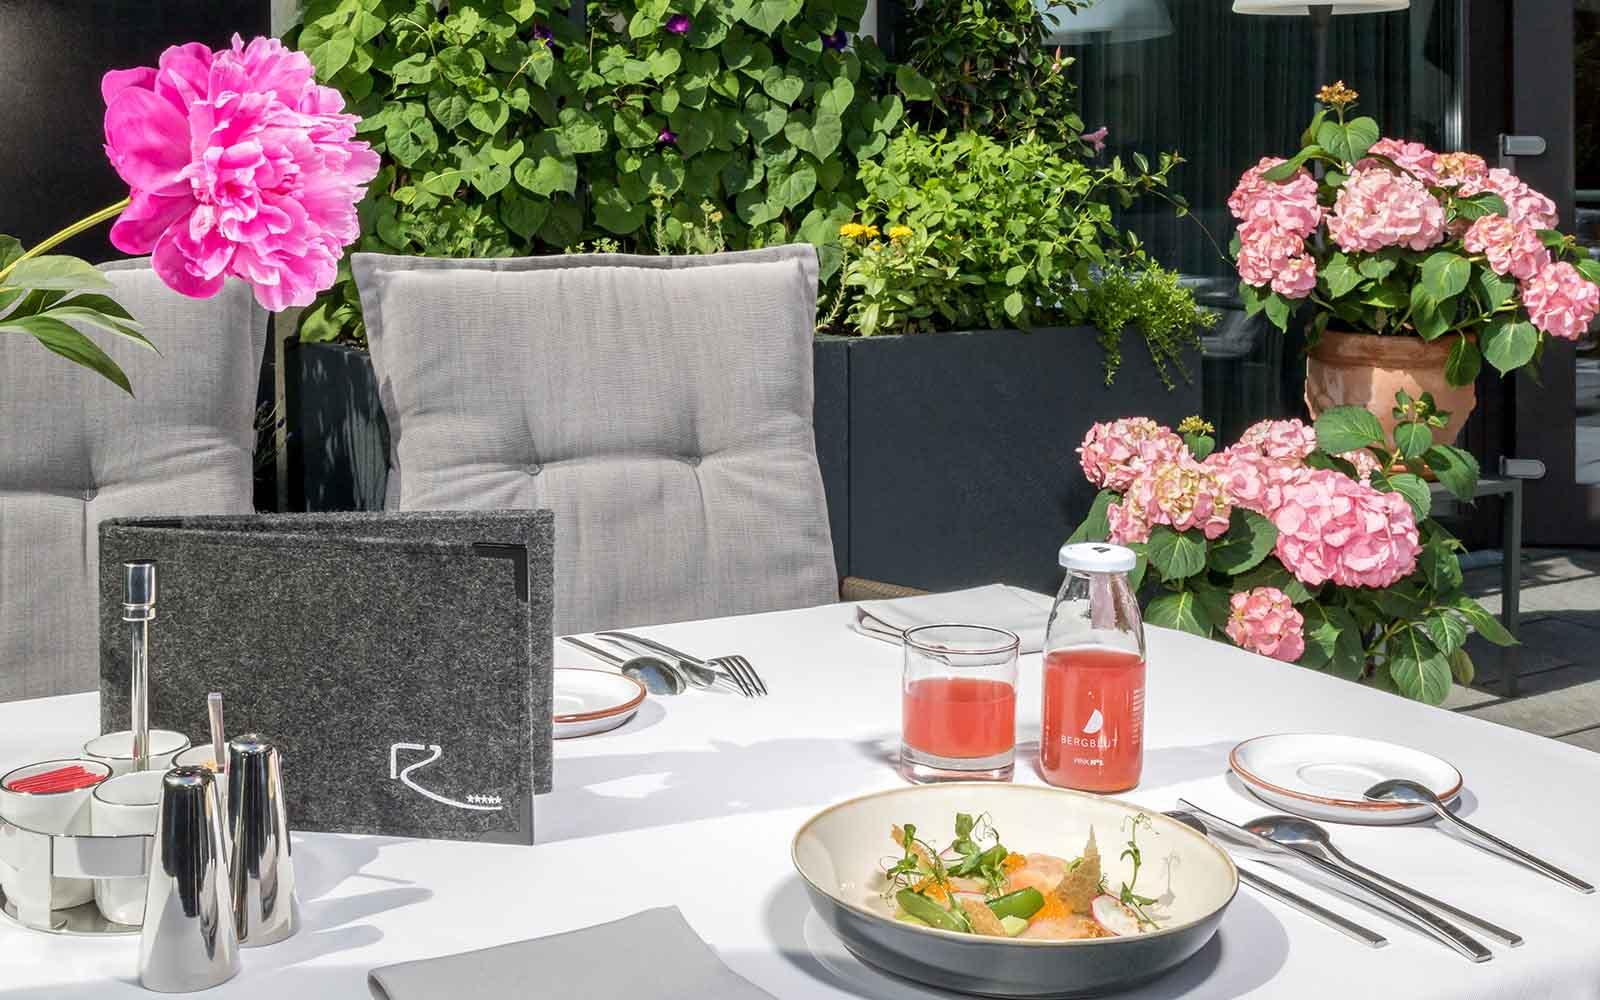 Relais & Châteaux Hotel Restaurant Rosengarten Kirchberg, Tyrol - Terrasse Sommer